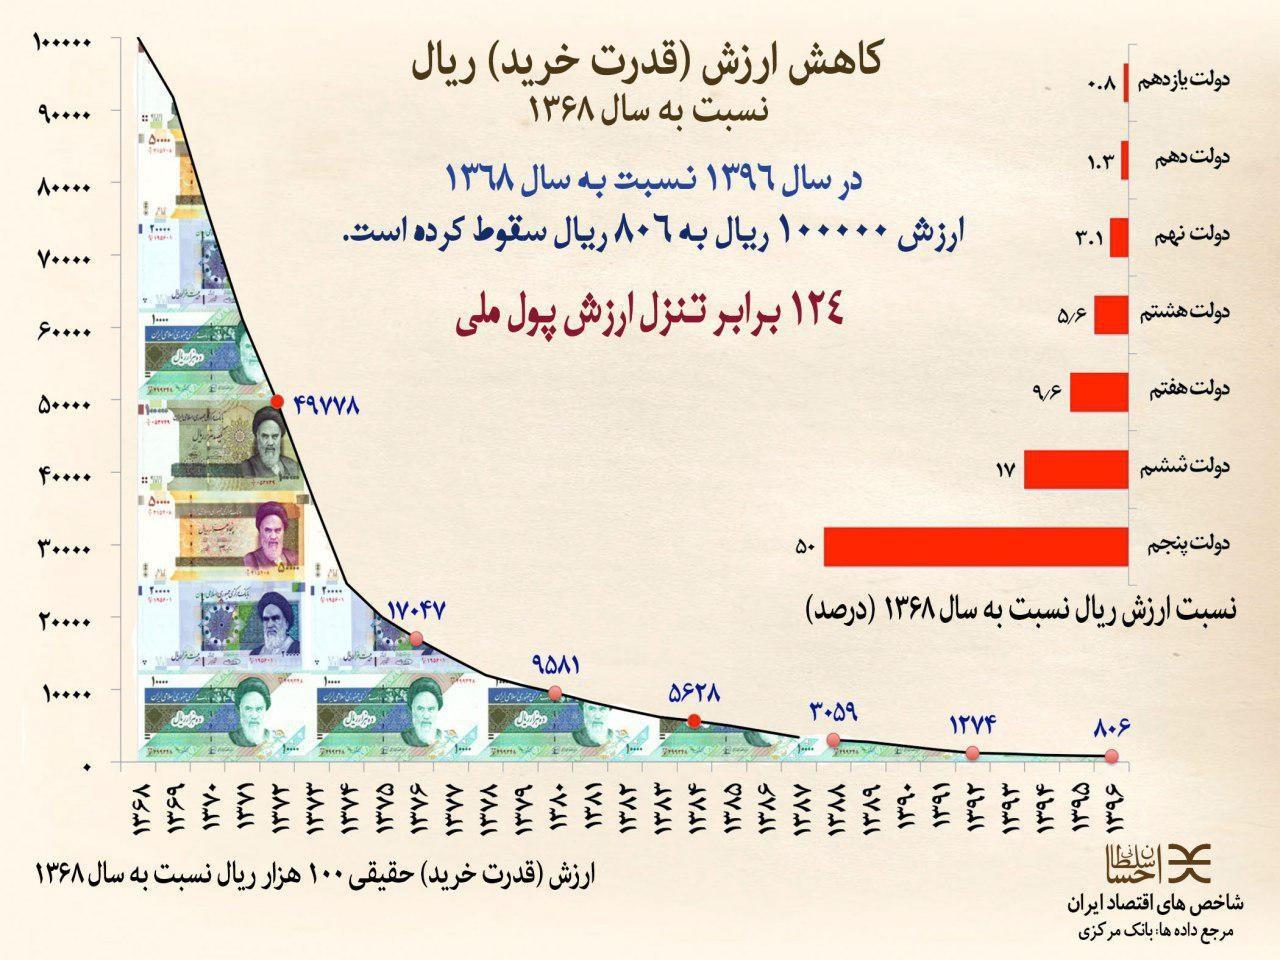 قدرت خرید 10 هزار تومان سال 1368 با چه مقدار الان ؟